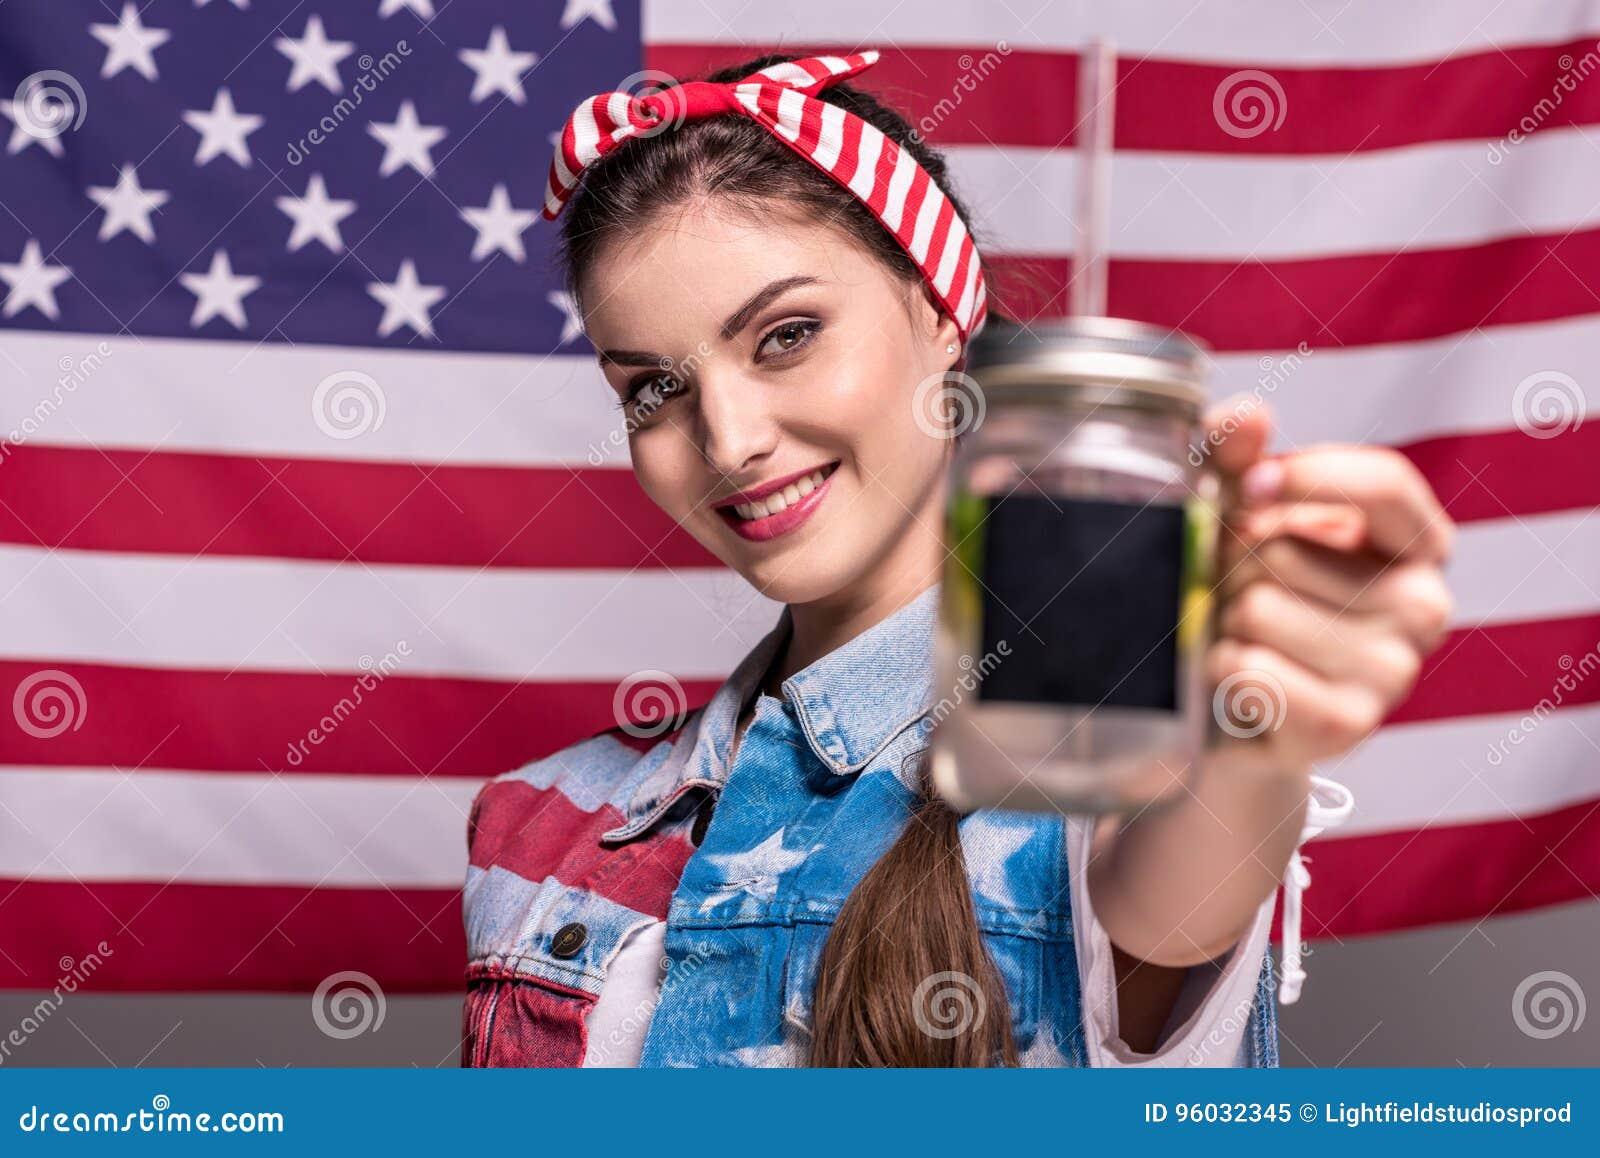 Uśmiechnięta kobieta pokazuje detox napój w ręce z flaga amerykańską na tle